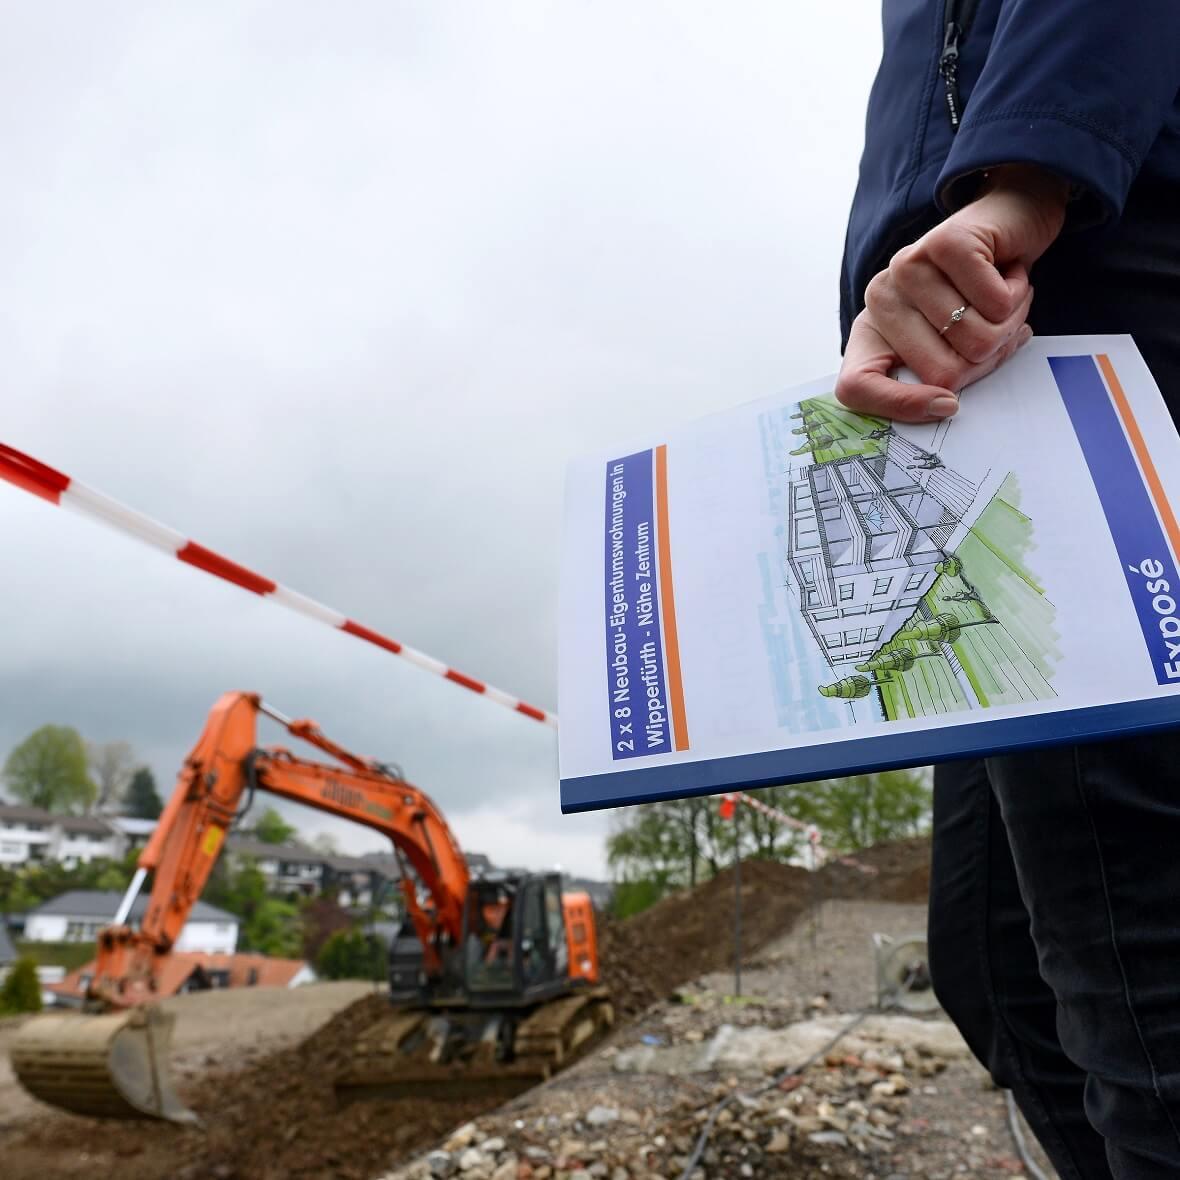 Die Bauarbeiten für 16 Eigentumswohnungen in Wipperfürth haben begonnen.